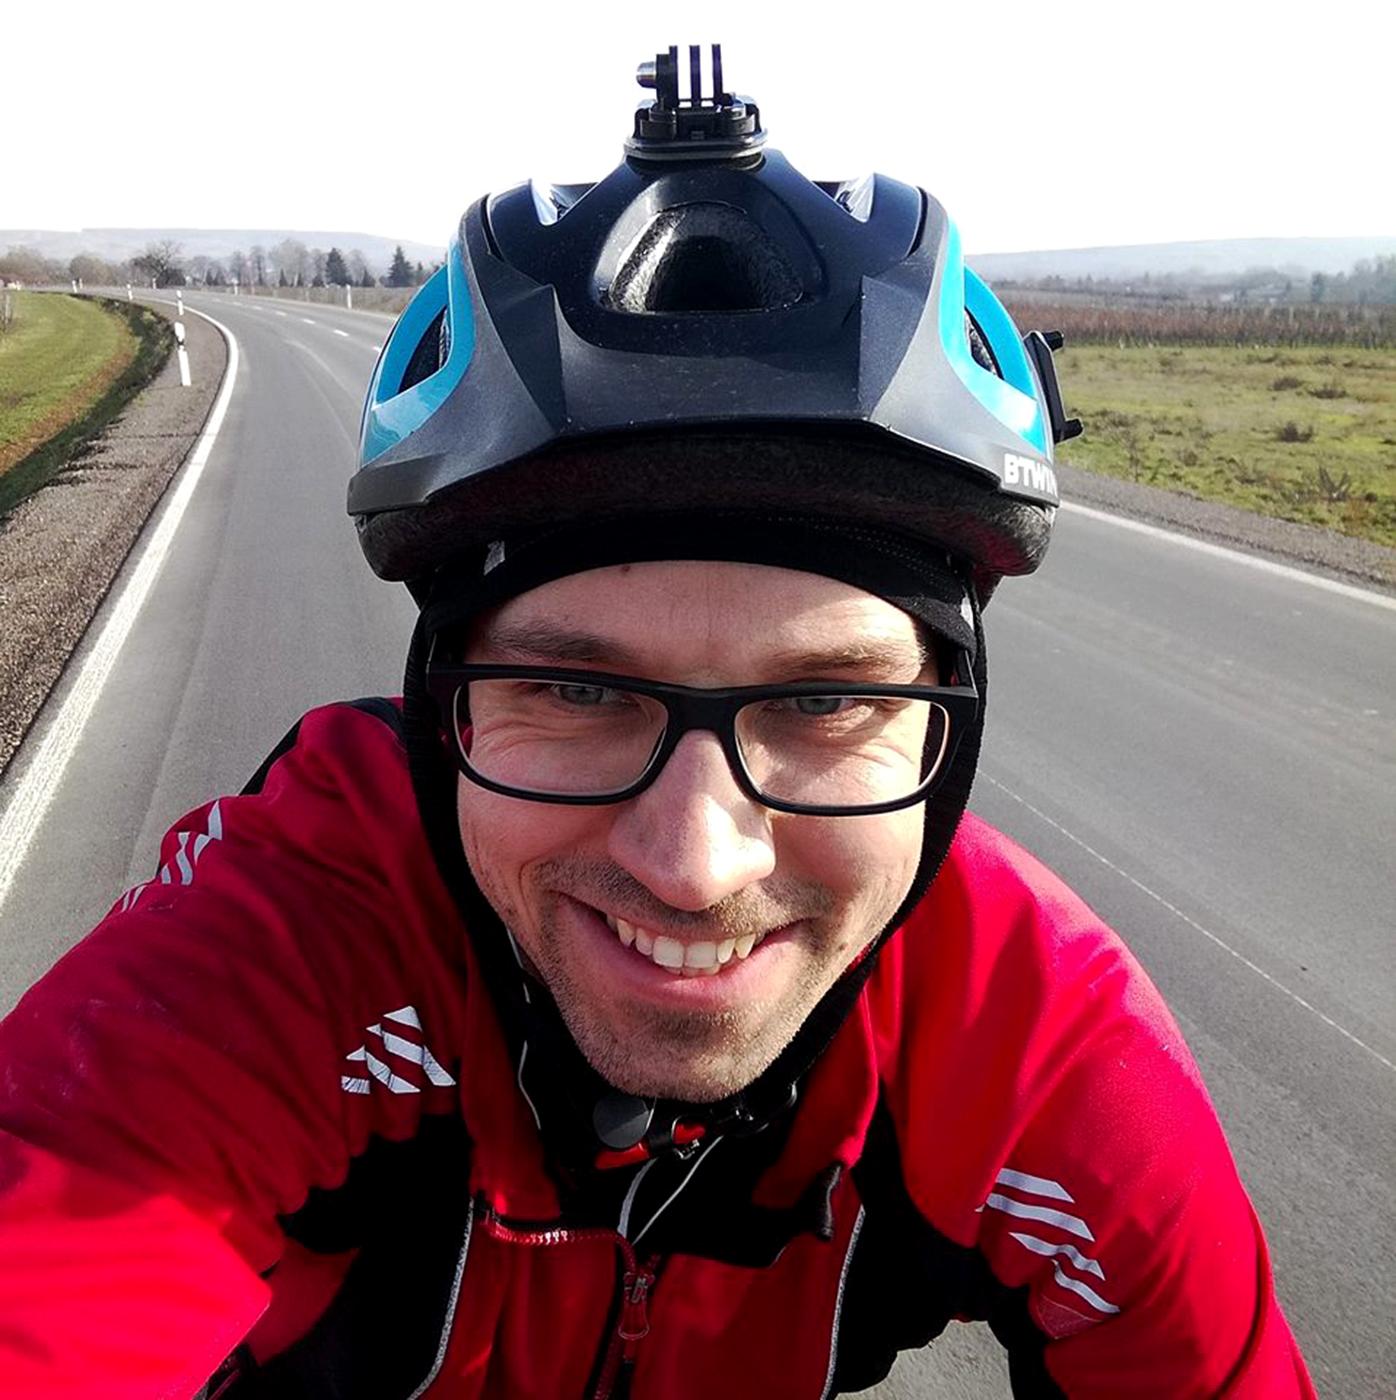 Tomasz Boryński/fot. FB Tomek na rowerze